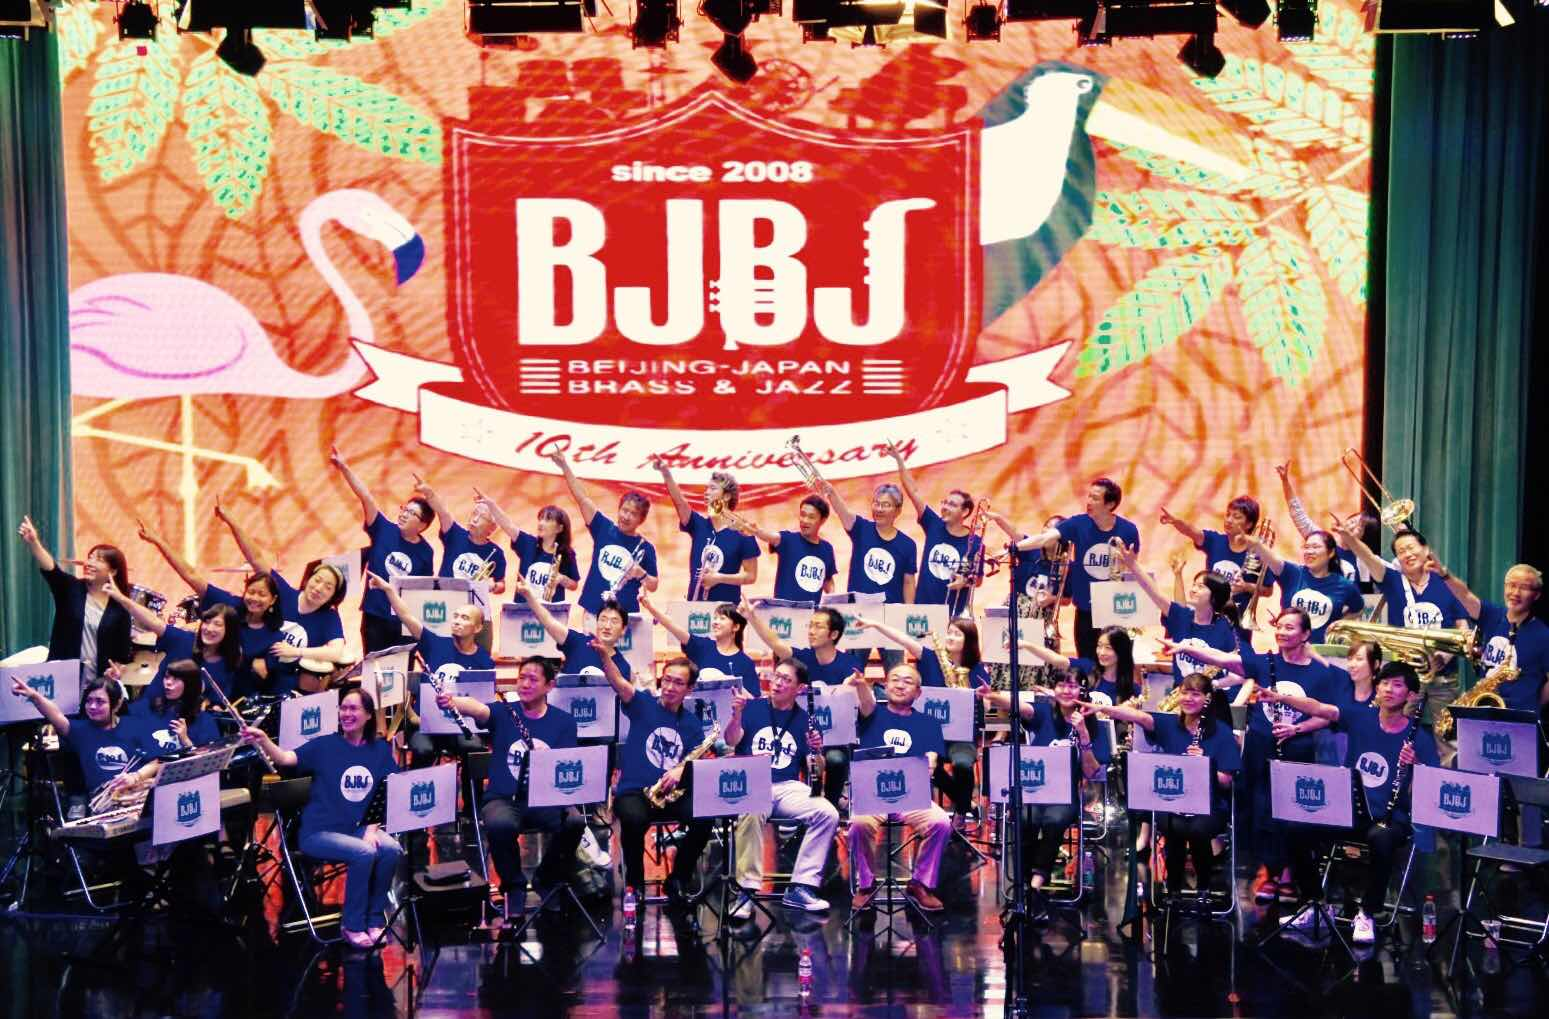 beijing-japan brass&jaz・・・